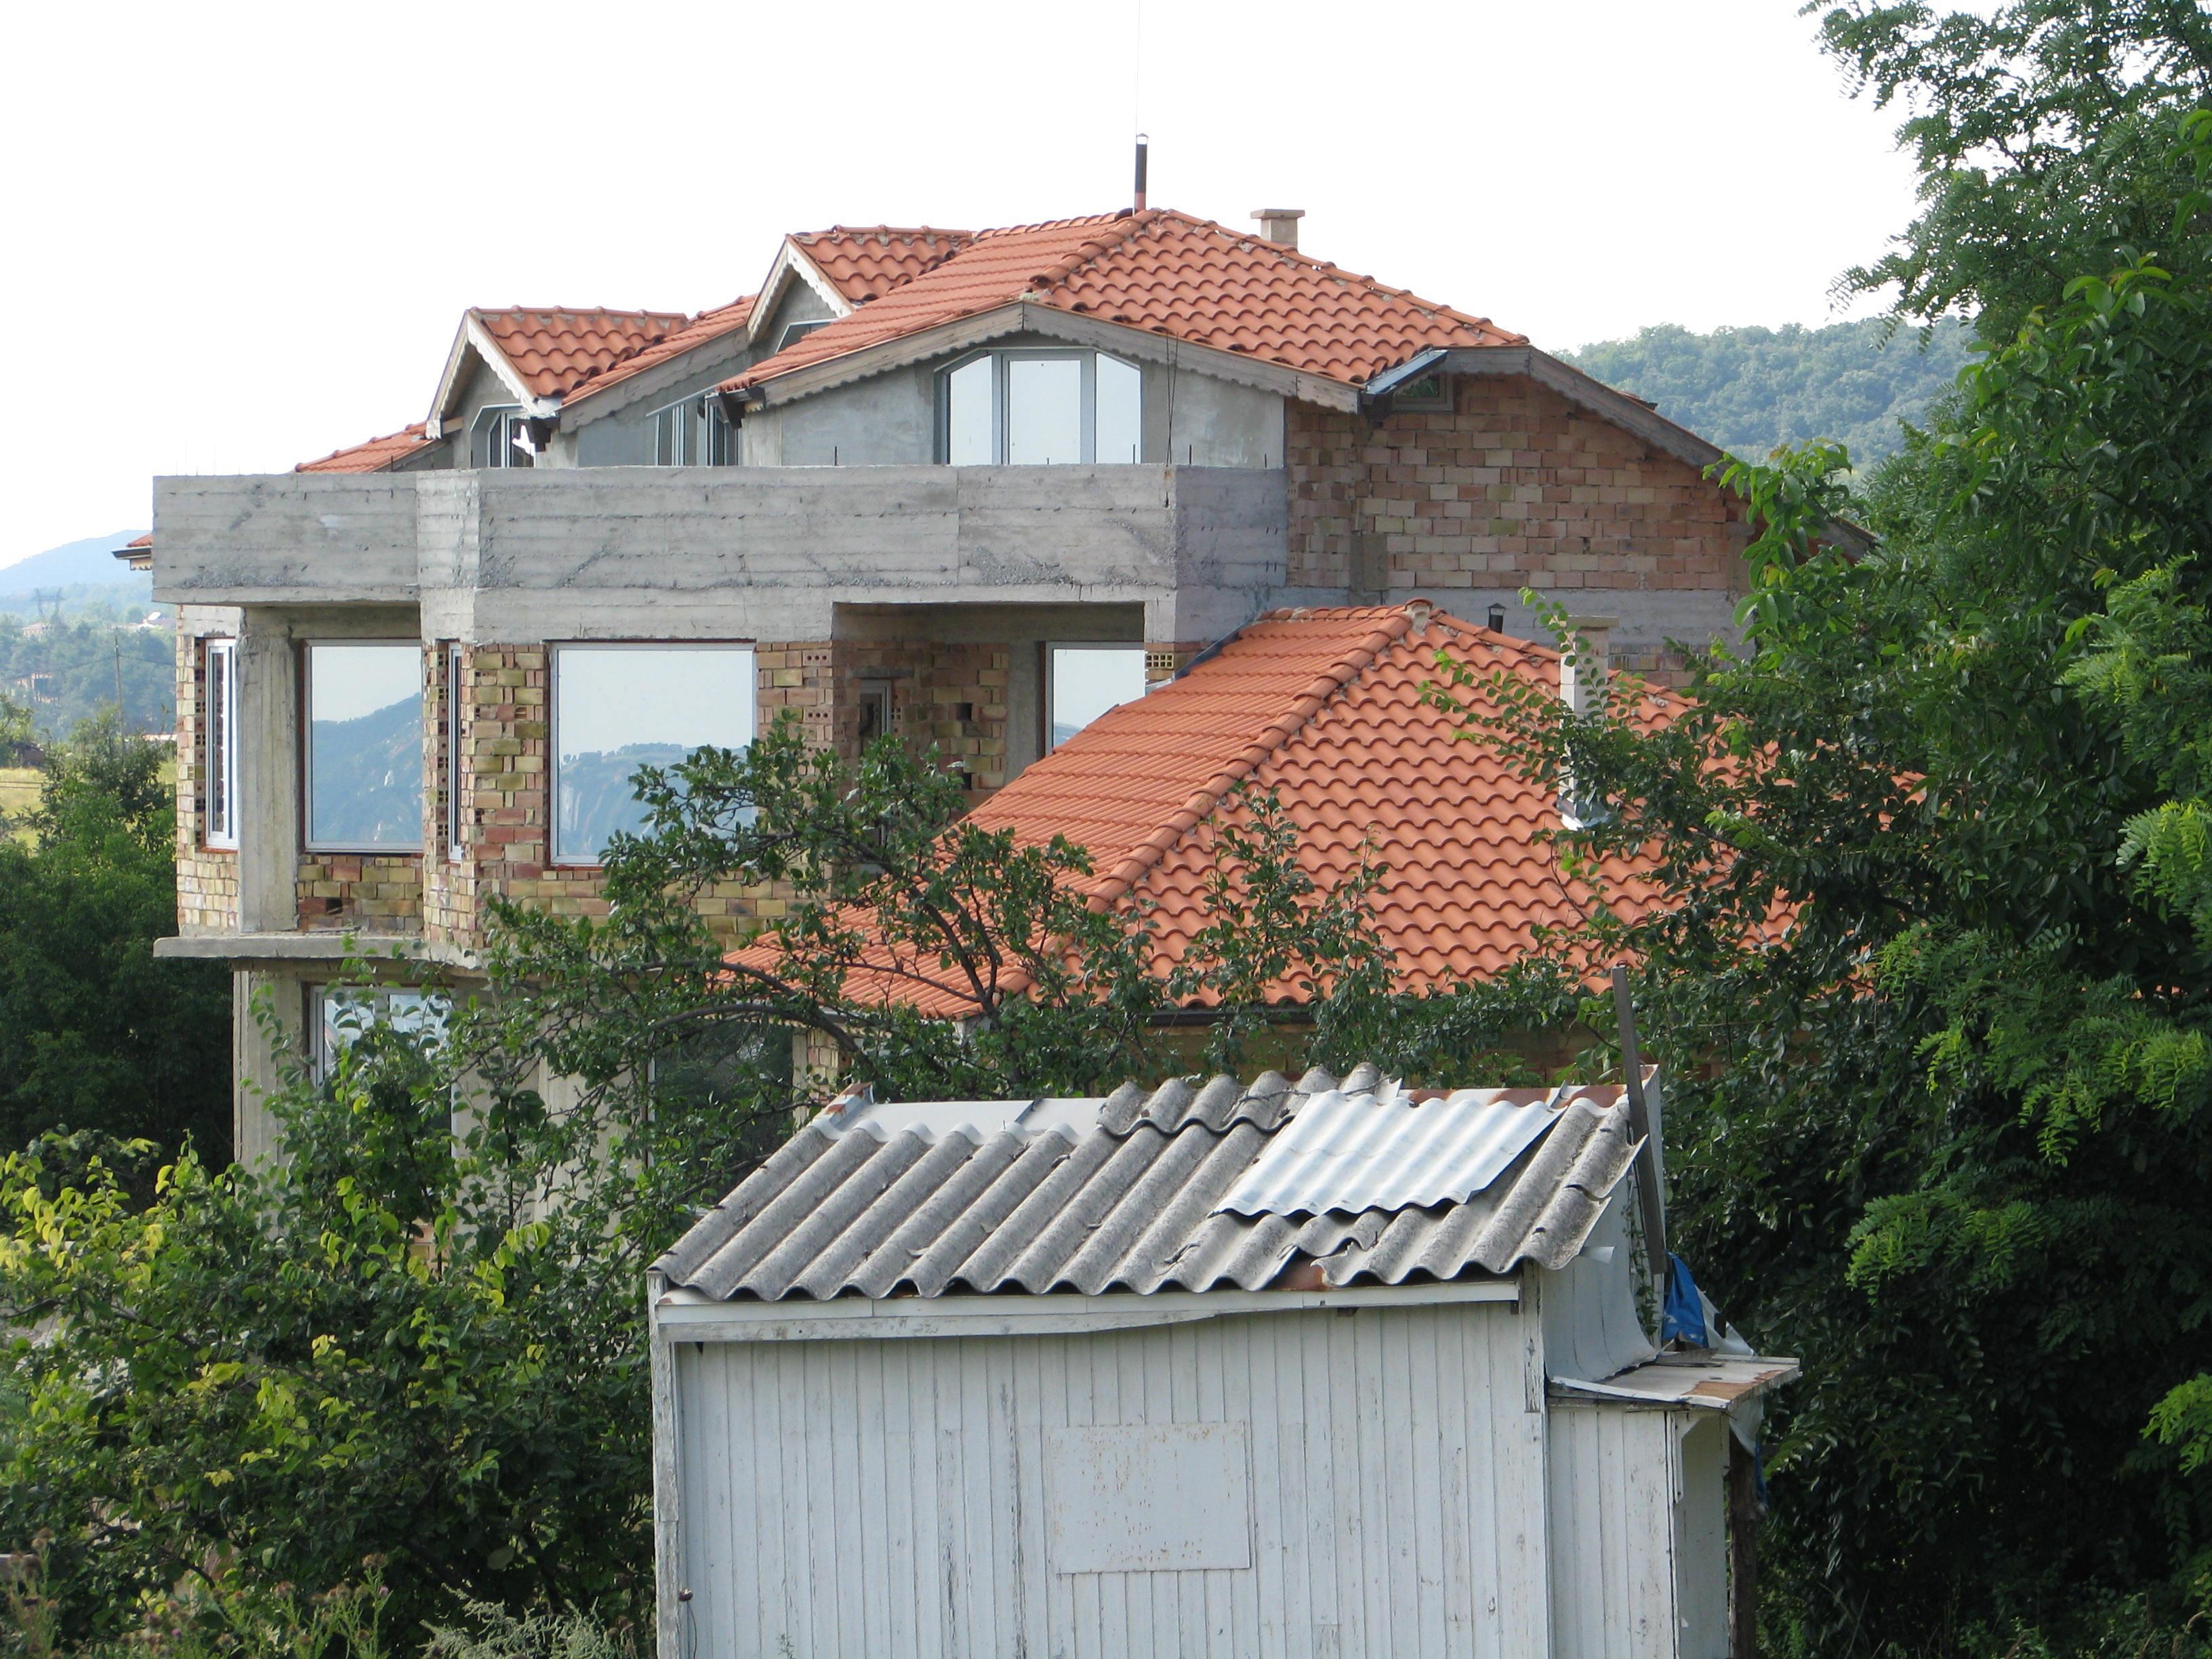 Vendita casa indipendente varna varna bulgaria salzica - Vetri oscurati casa ...